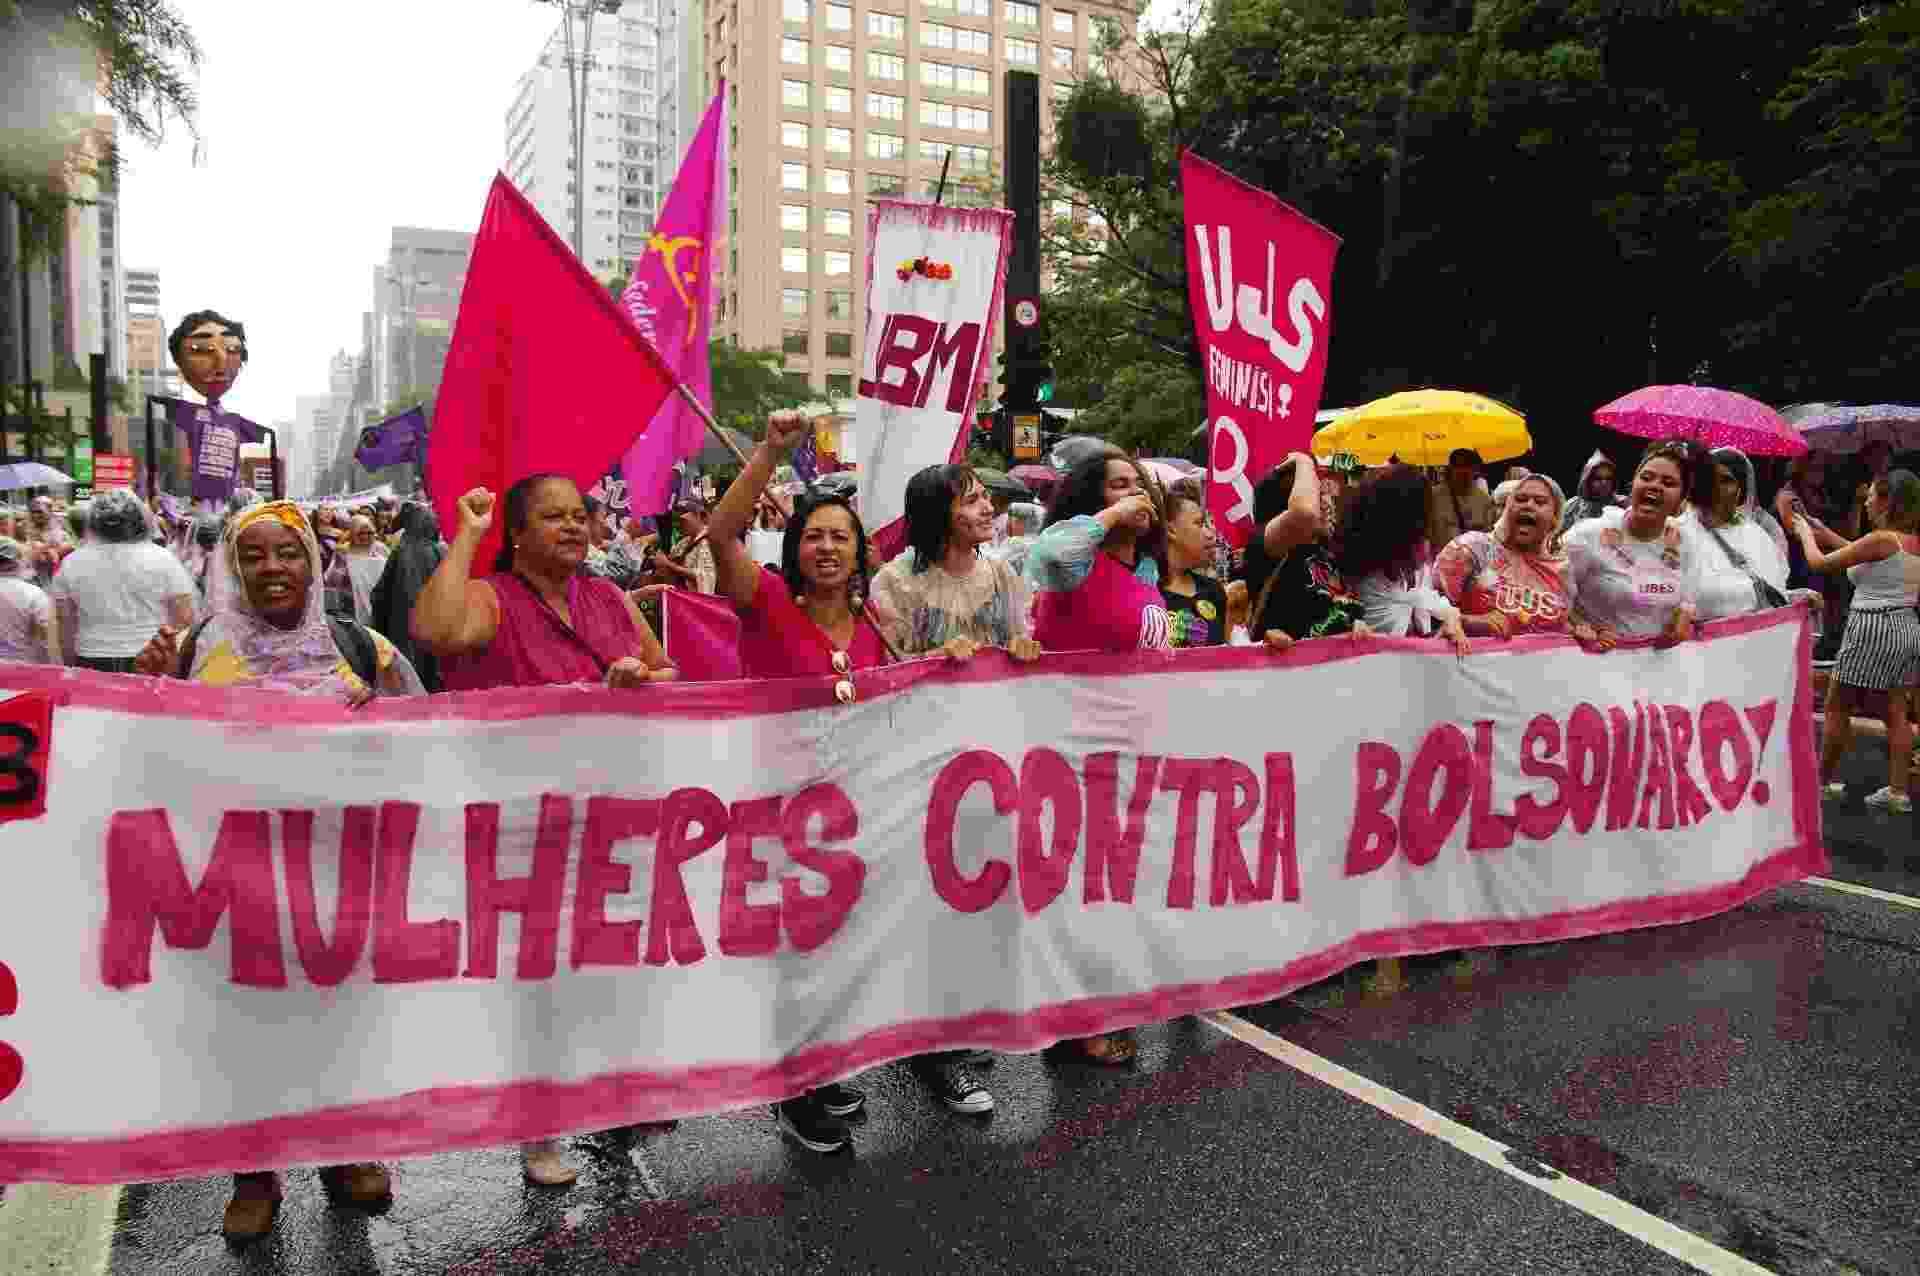 Dia Internacional da Mulher 2020 - protesto mulheres contra Bolsonaro - ROBERTO SUNGI/FUTURA PRESS/ESTADÃO CONTEÚDO